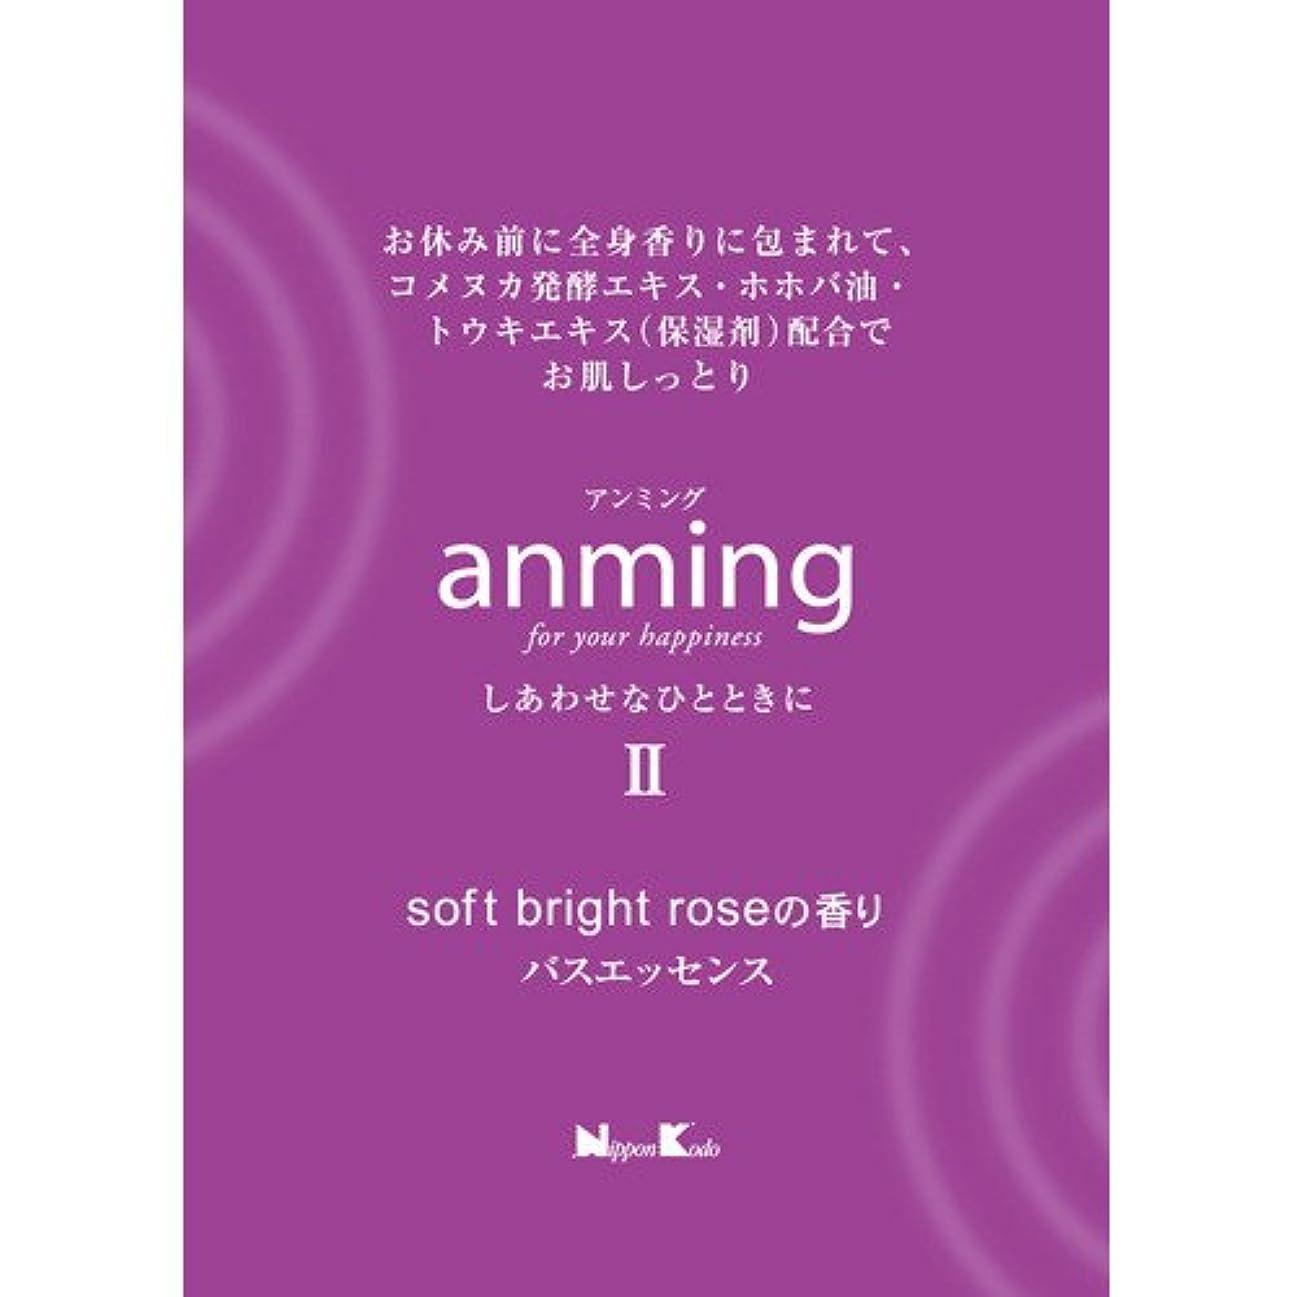 立法慈悲の配列アンミング2 バスエッセンス ミニタイプ 48ml